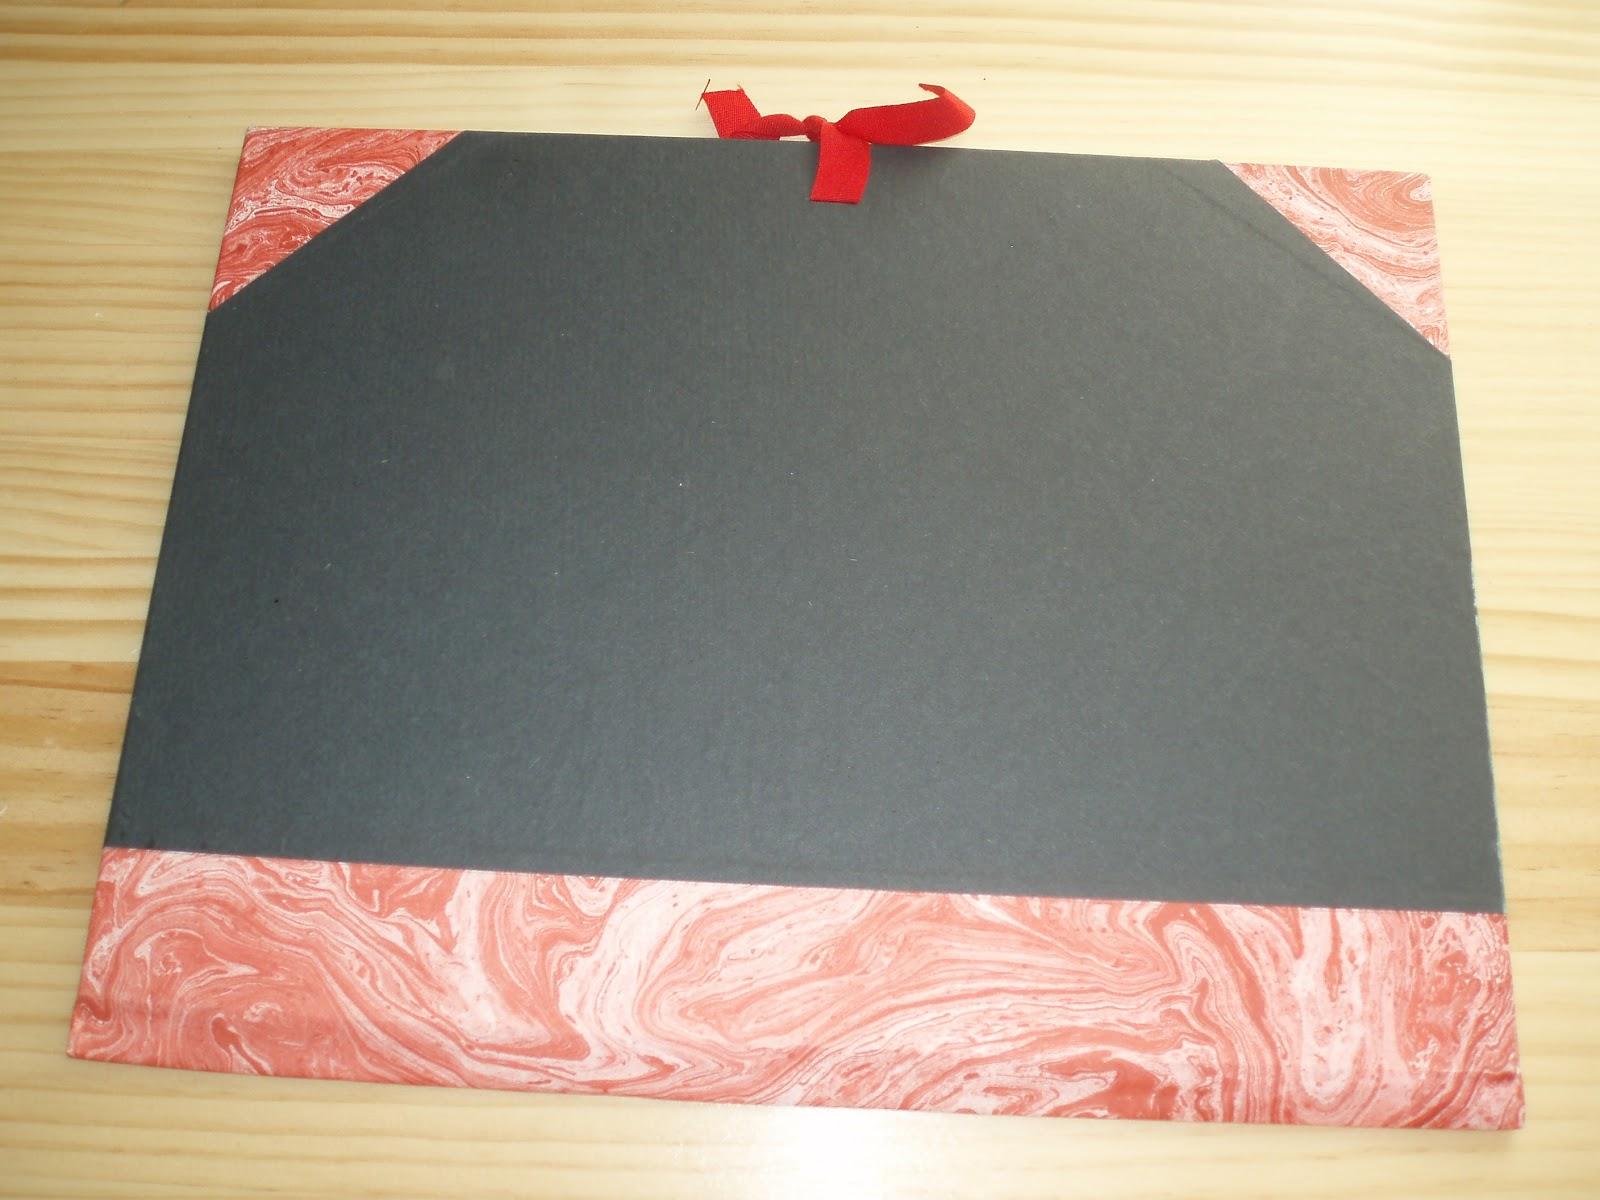 Artesan as leomar carpetas de papel y tela - Papel y telas ...